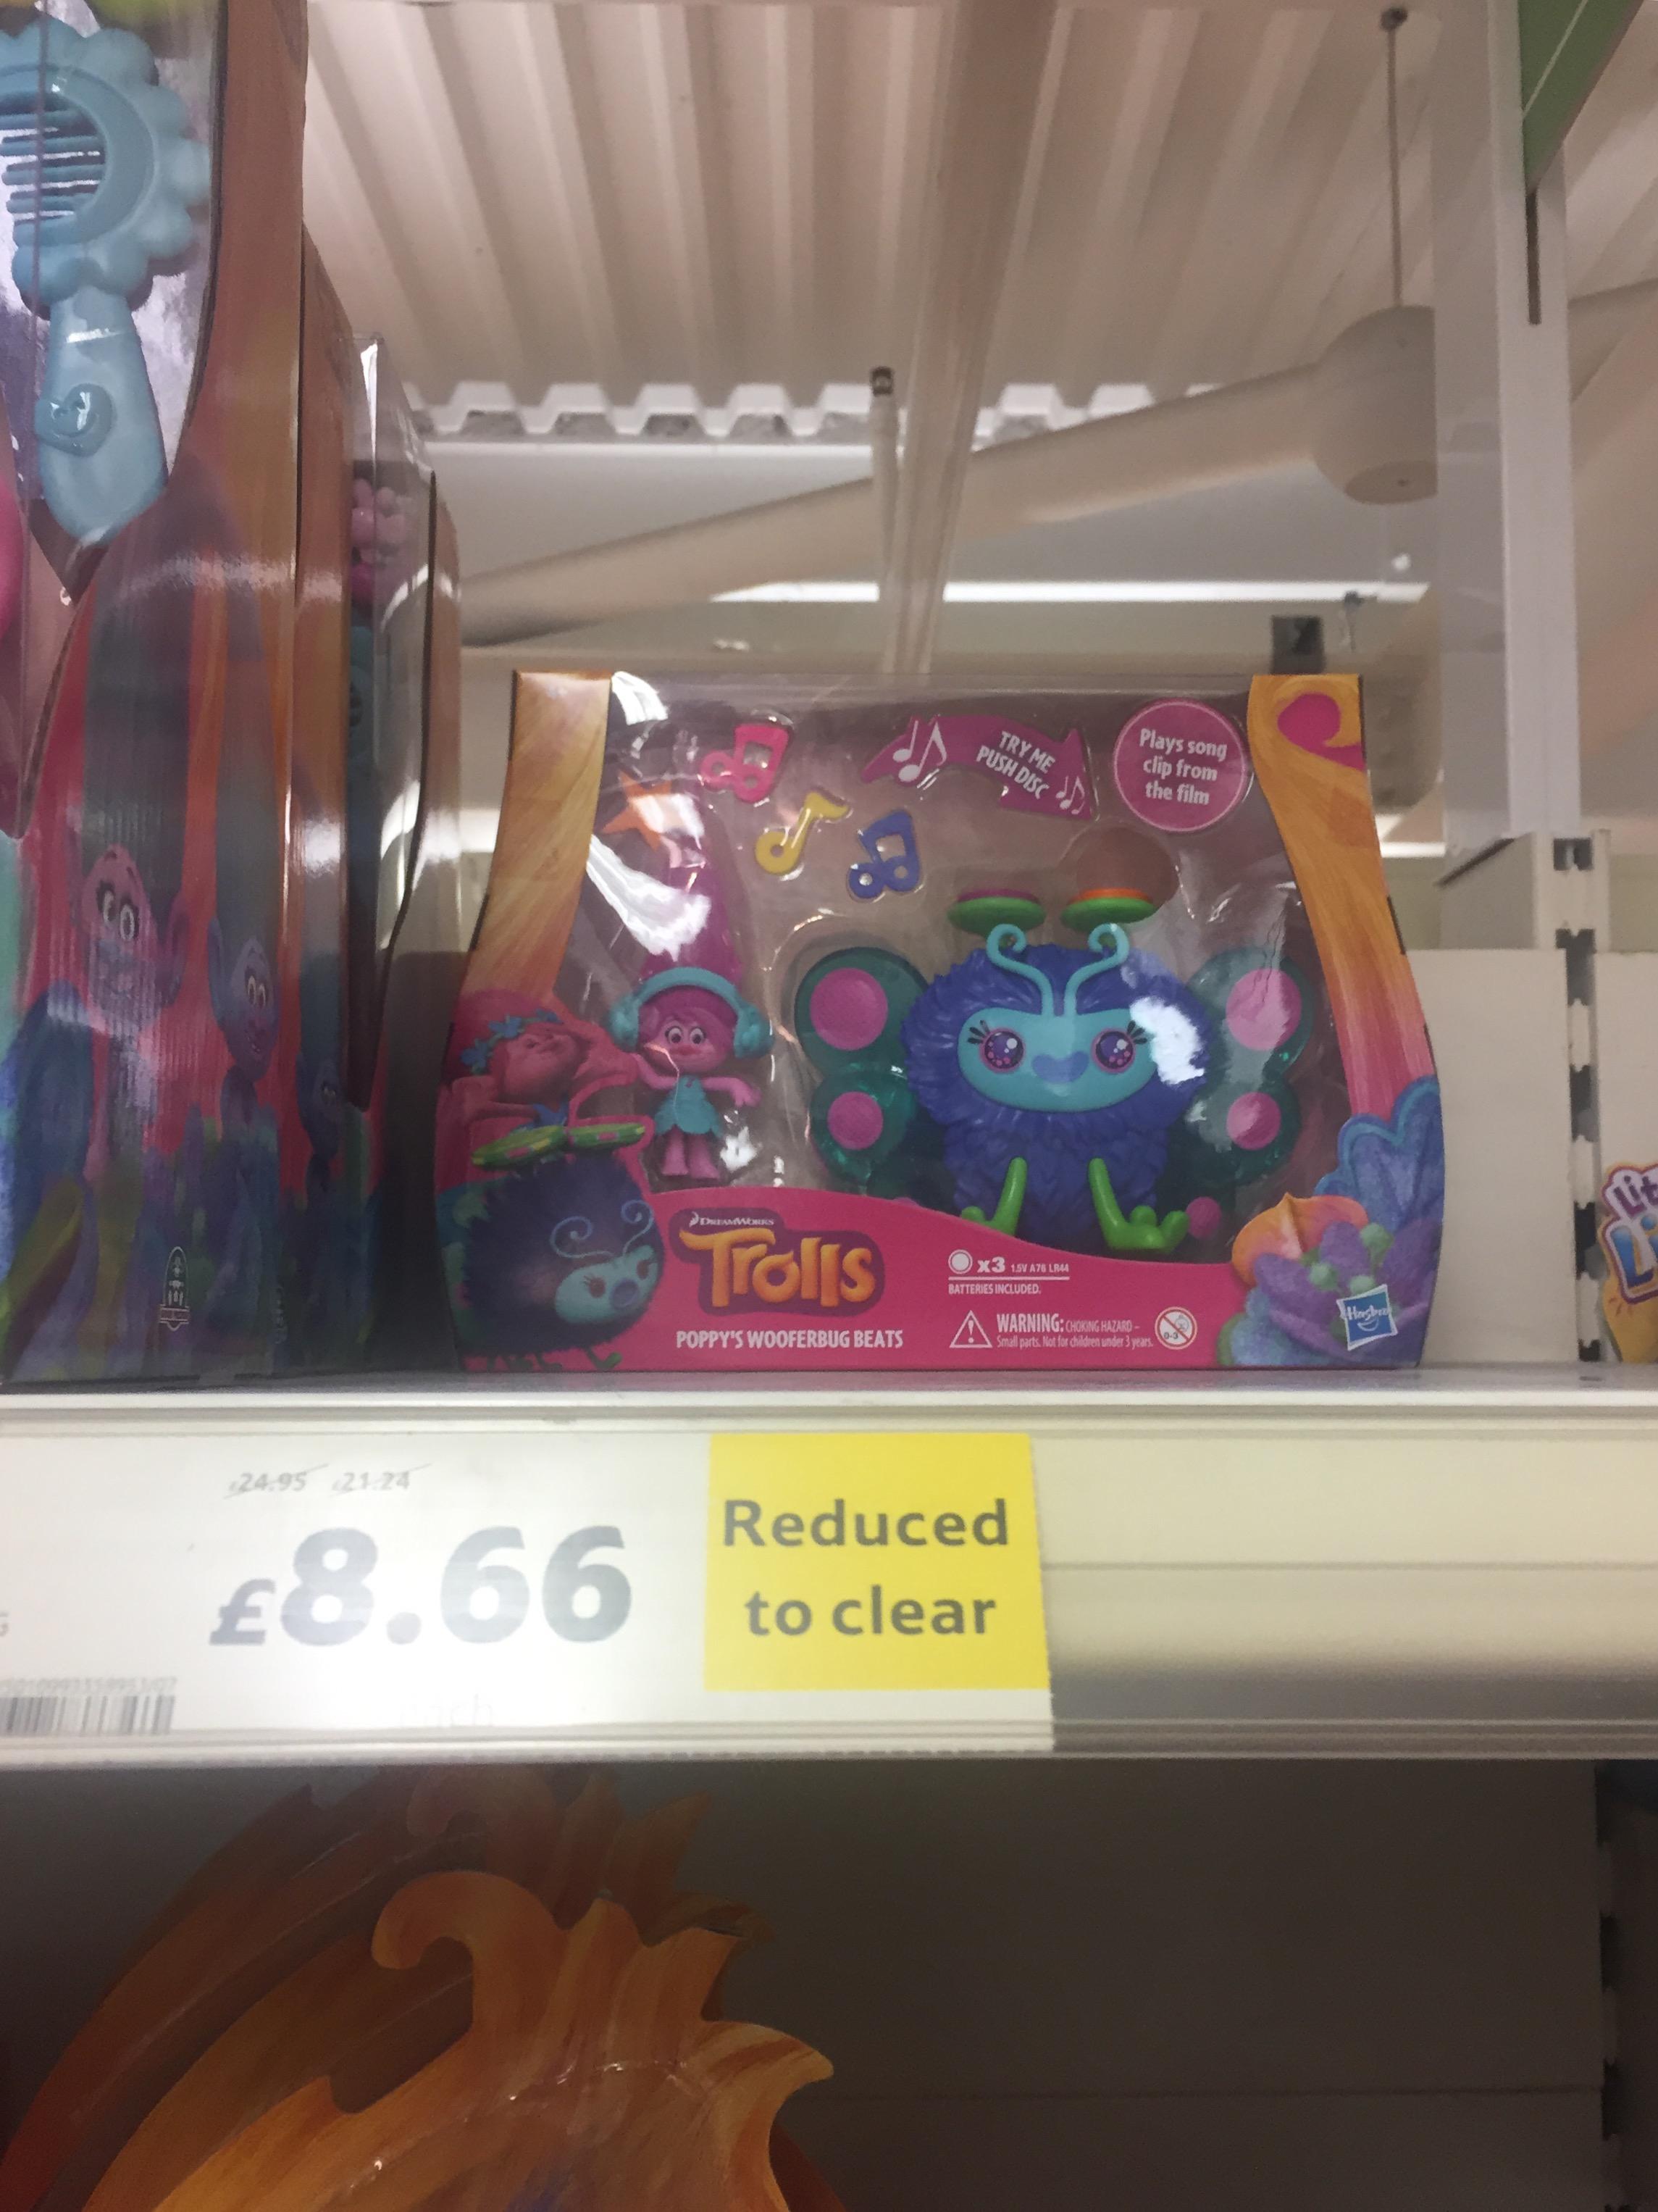 Trolls - Poppy's Wooferbug Beats - Tesco £8.66 instore